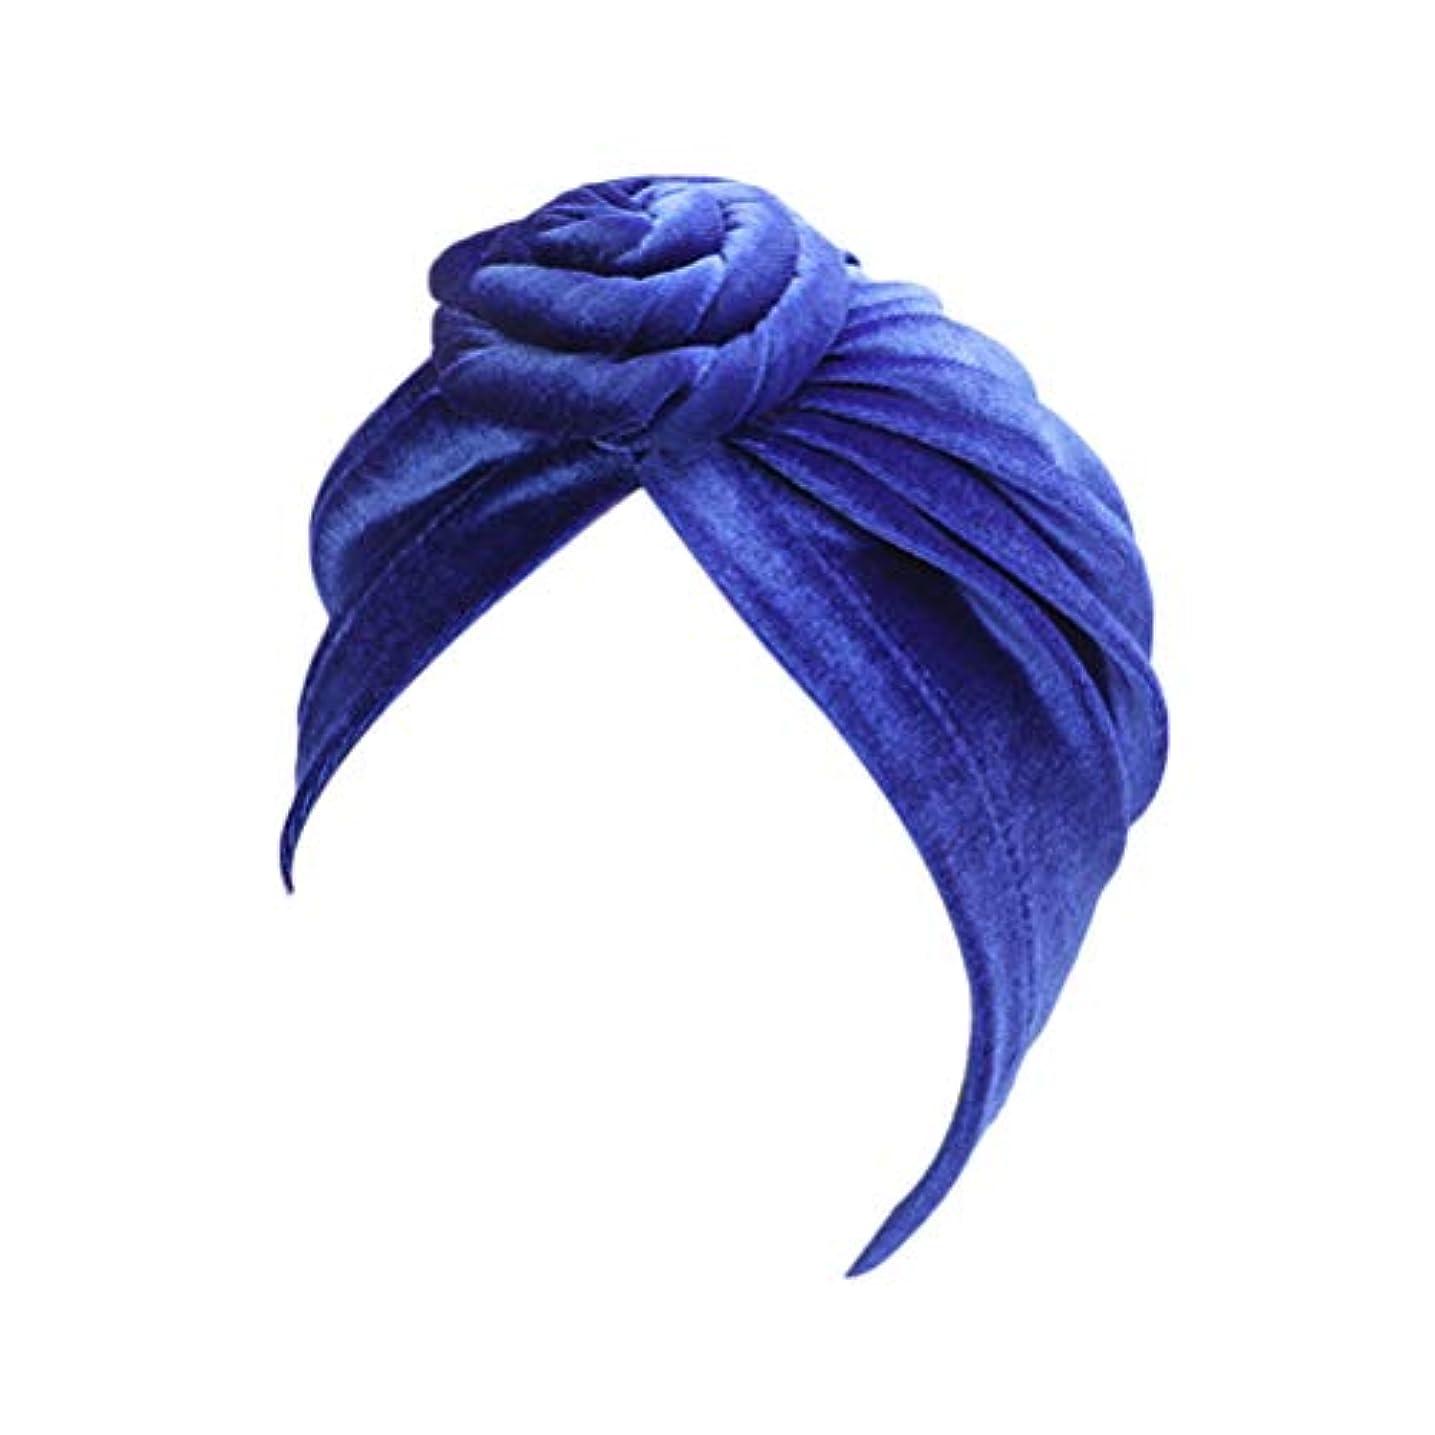 バッチ製作試験Healifty 睡眠ナイトキャップ花装飾ワイドバンドボンネットナイトヘッドカバーソフトヘアターバン女性用ヘアビューティーケアキャップ(ブルー)